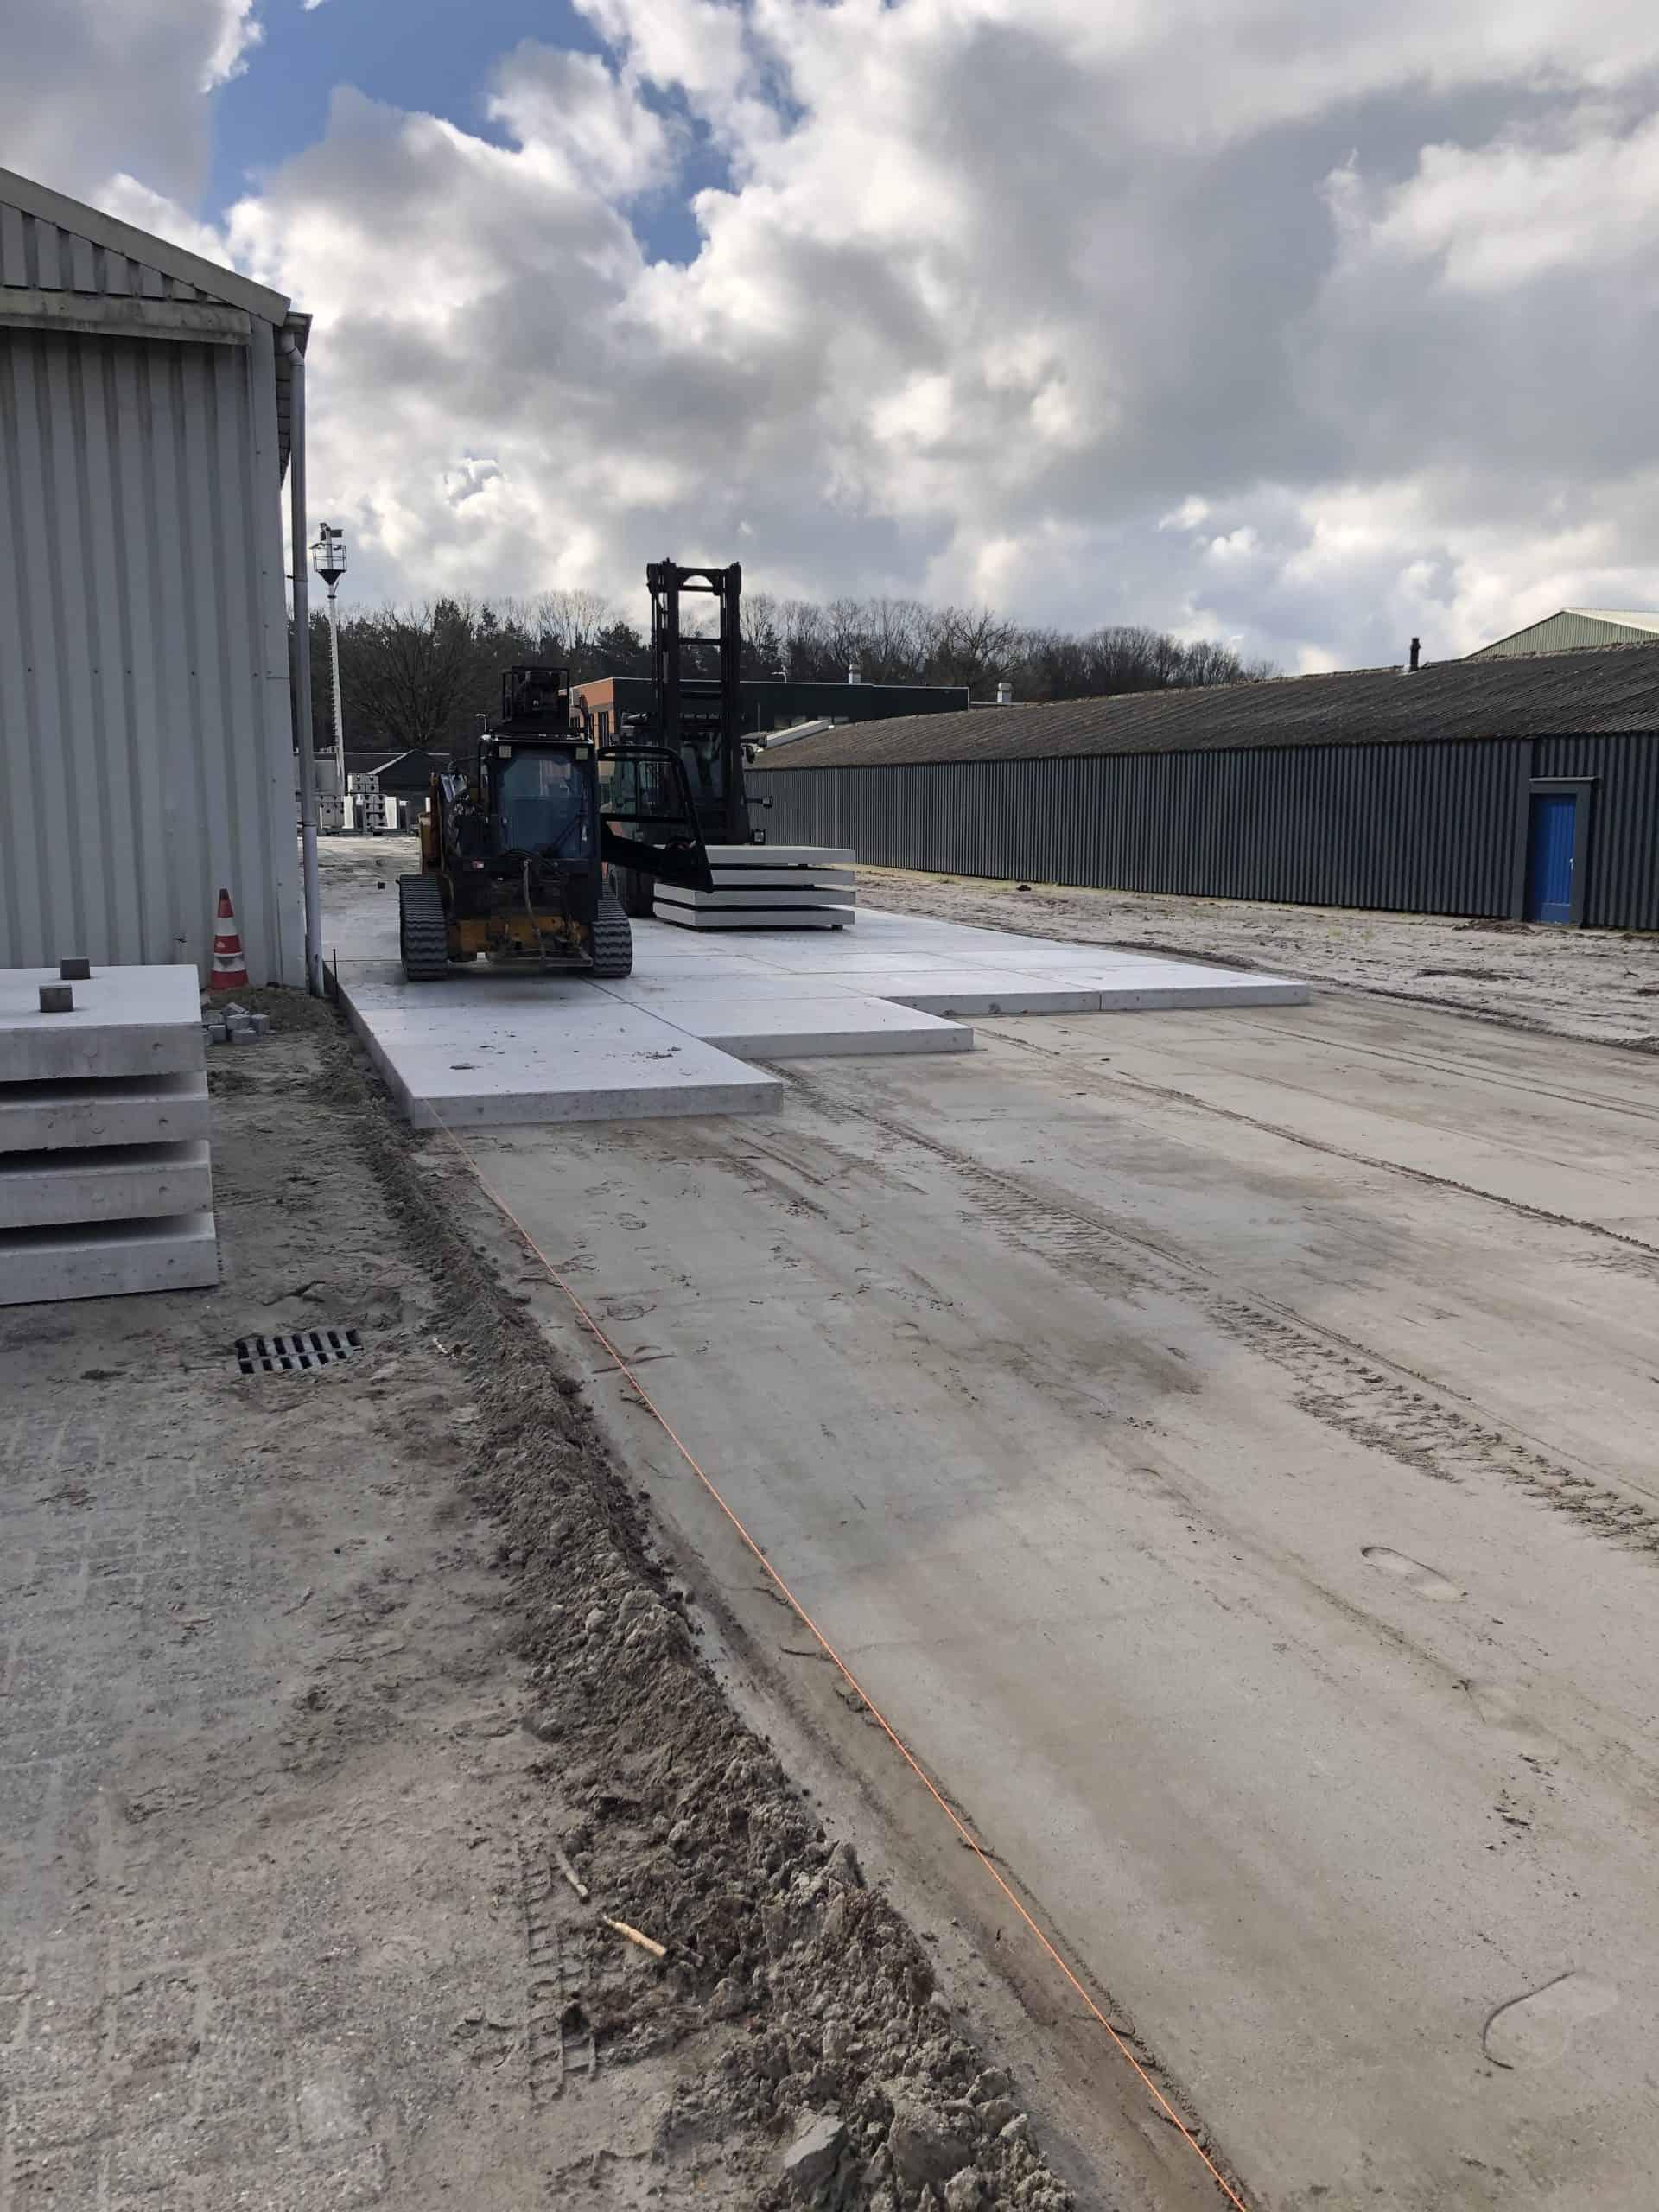 Terreinverharding met de 2x2 betonplaten van SIMbeton